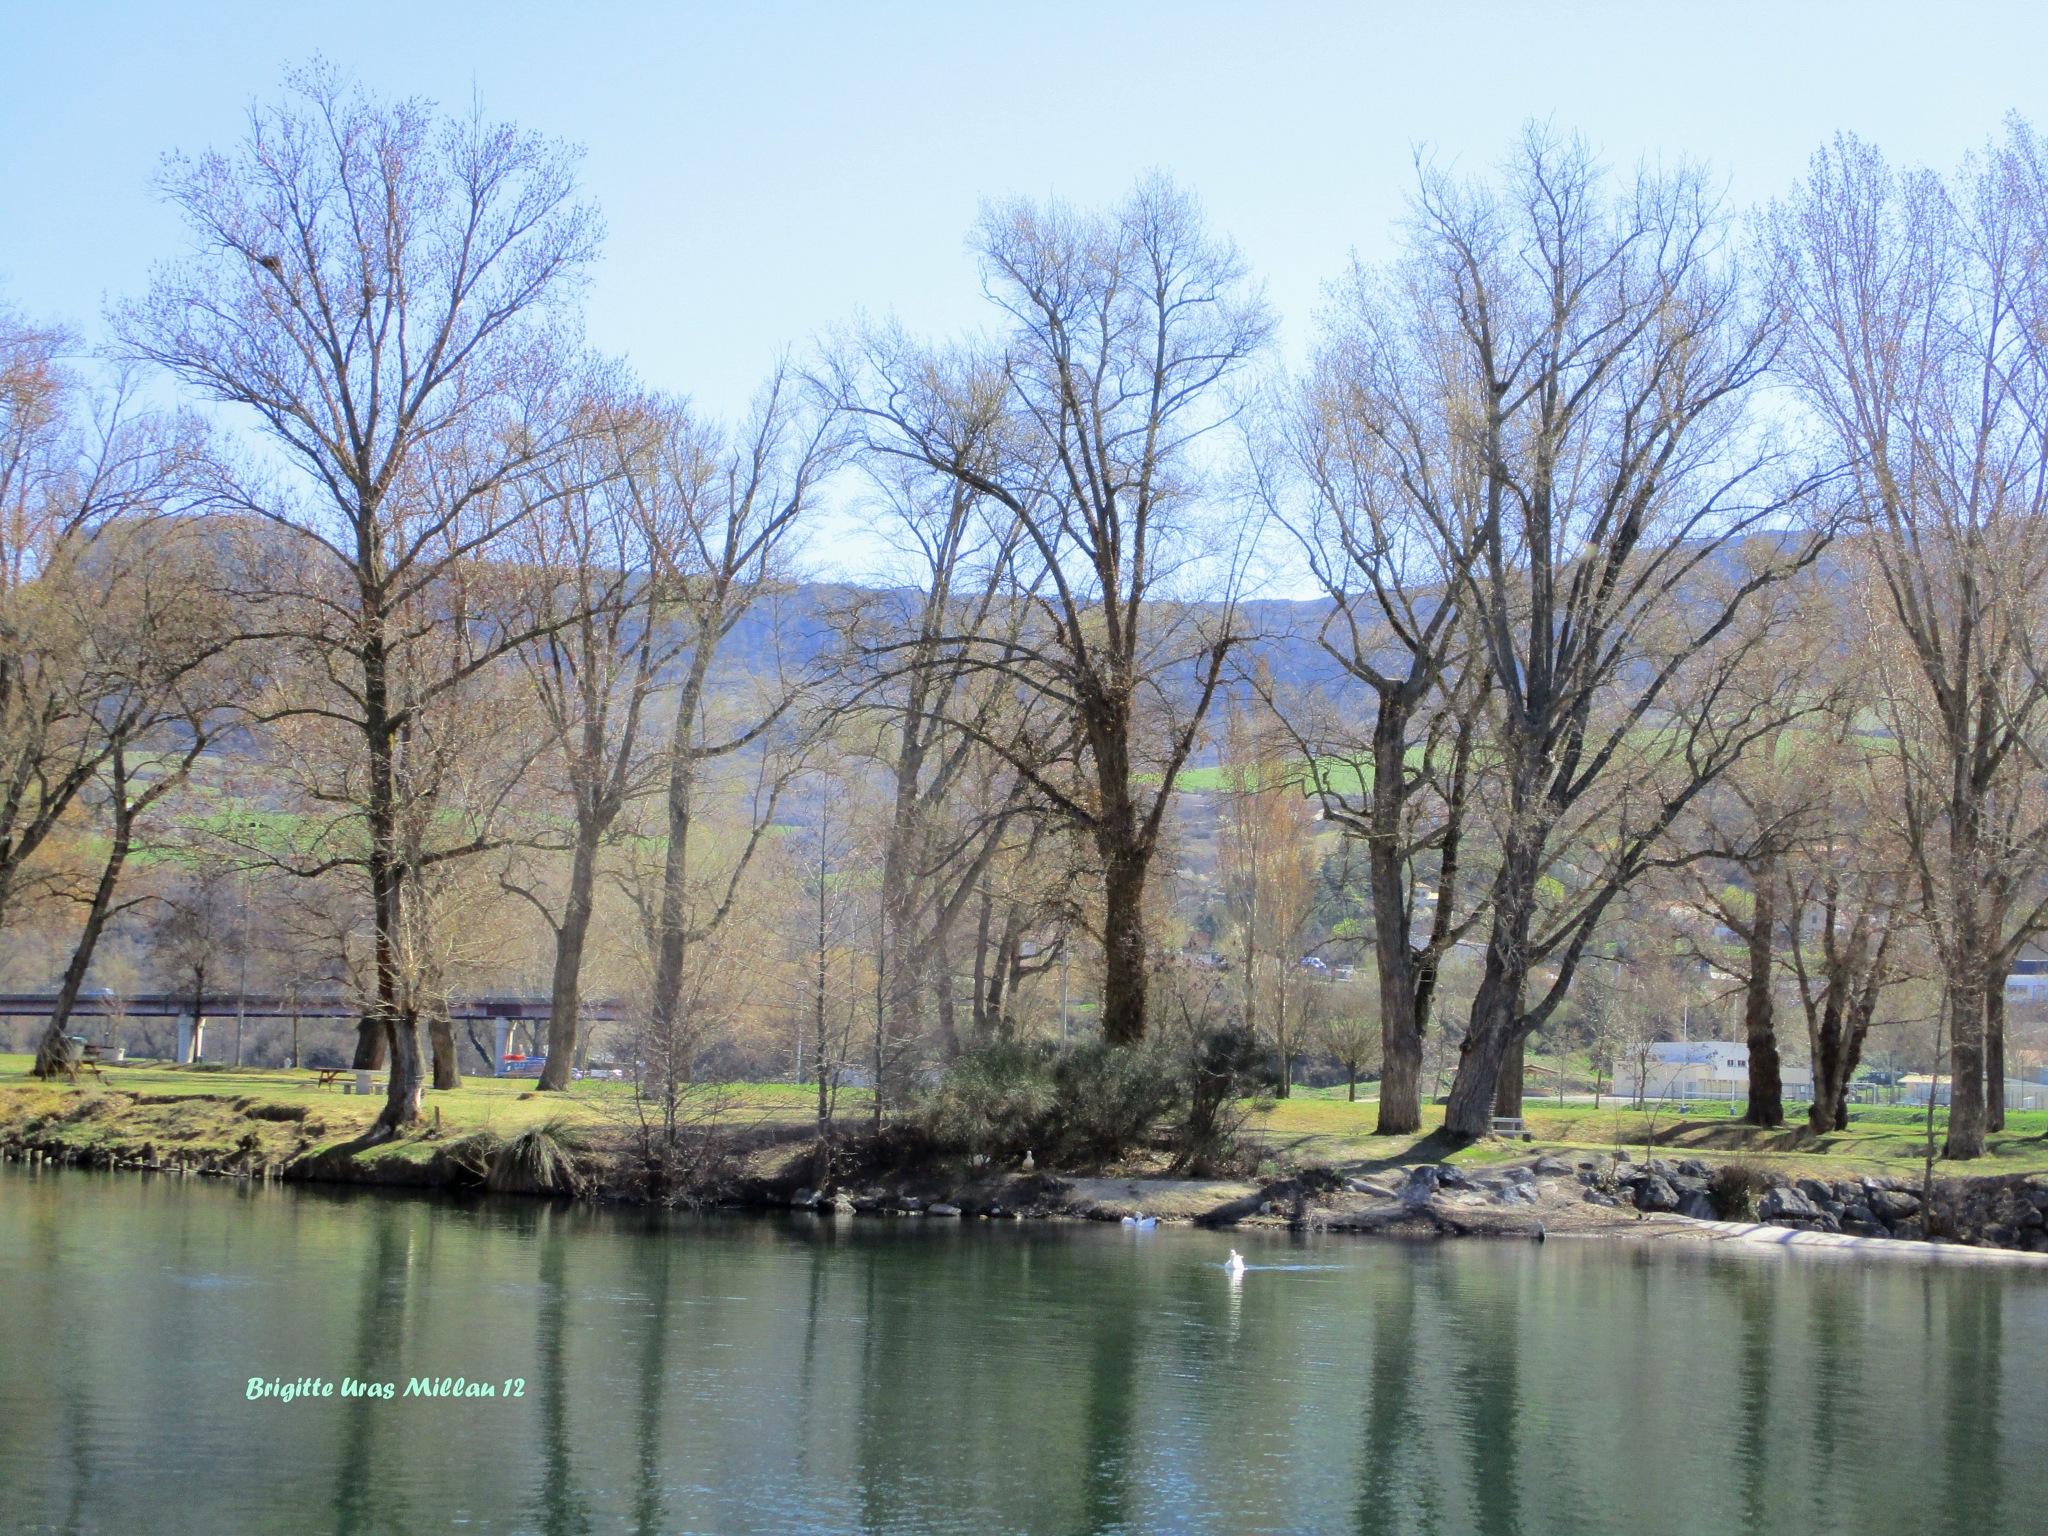 Les bords de la rivière by Brigitte Uras